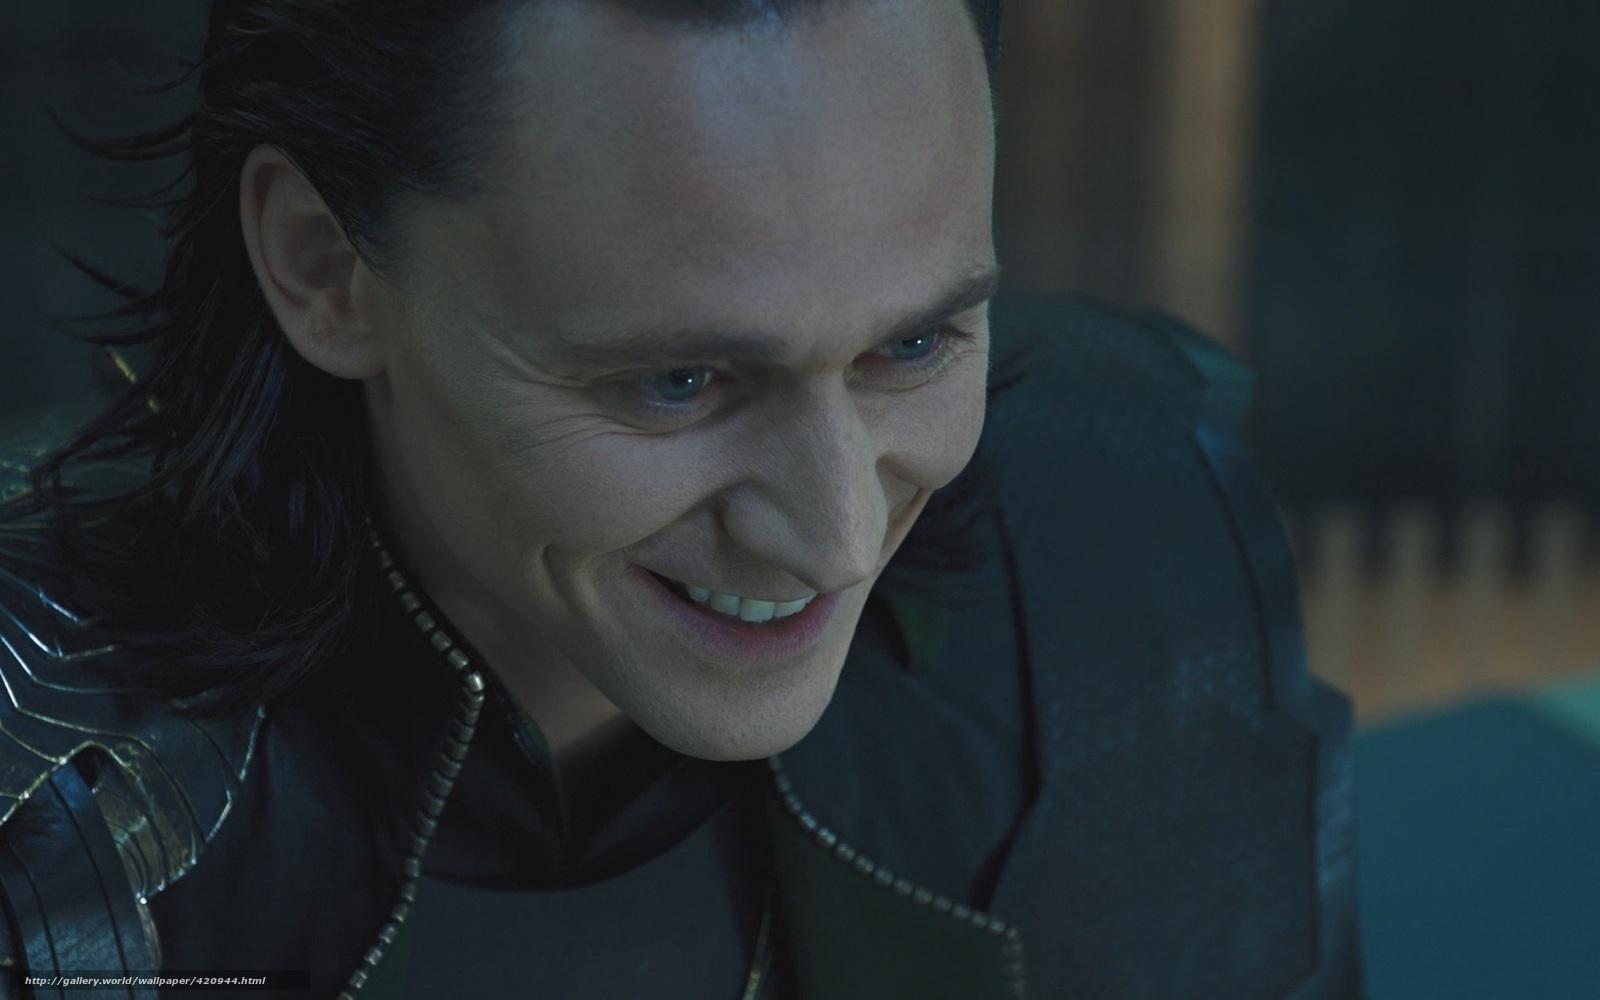 Download Wallpaper Loki, Actor, Tom Hiddleston Free